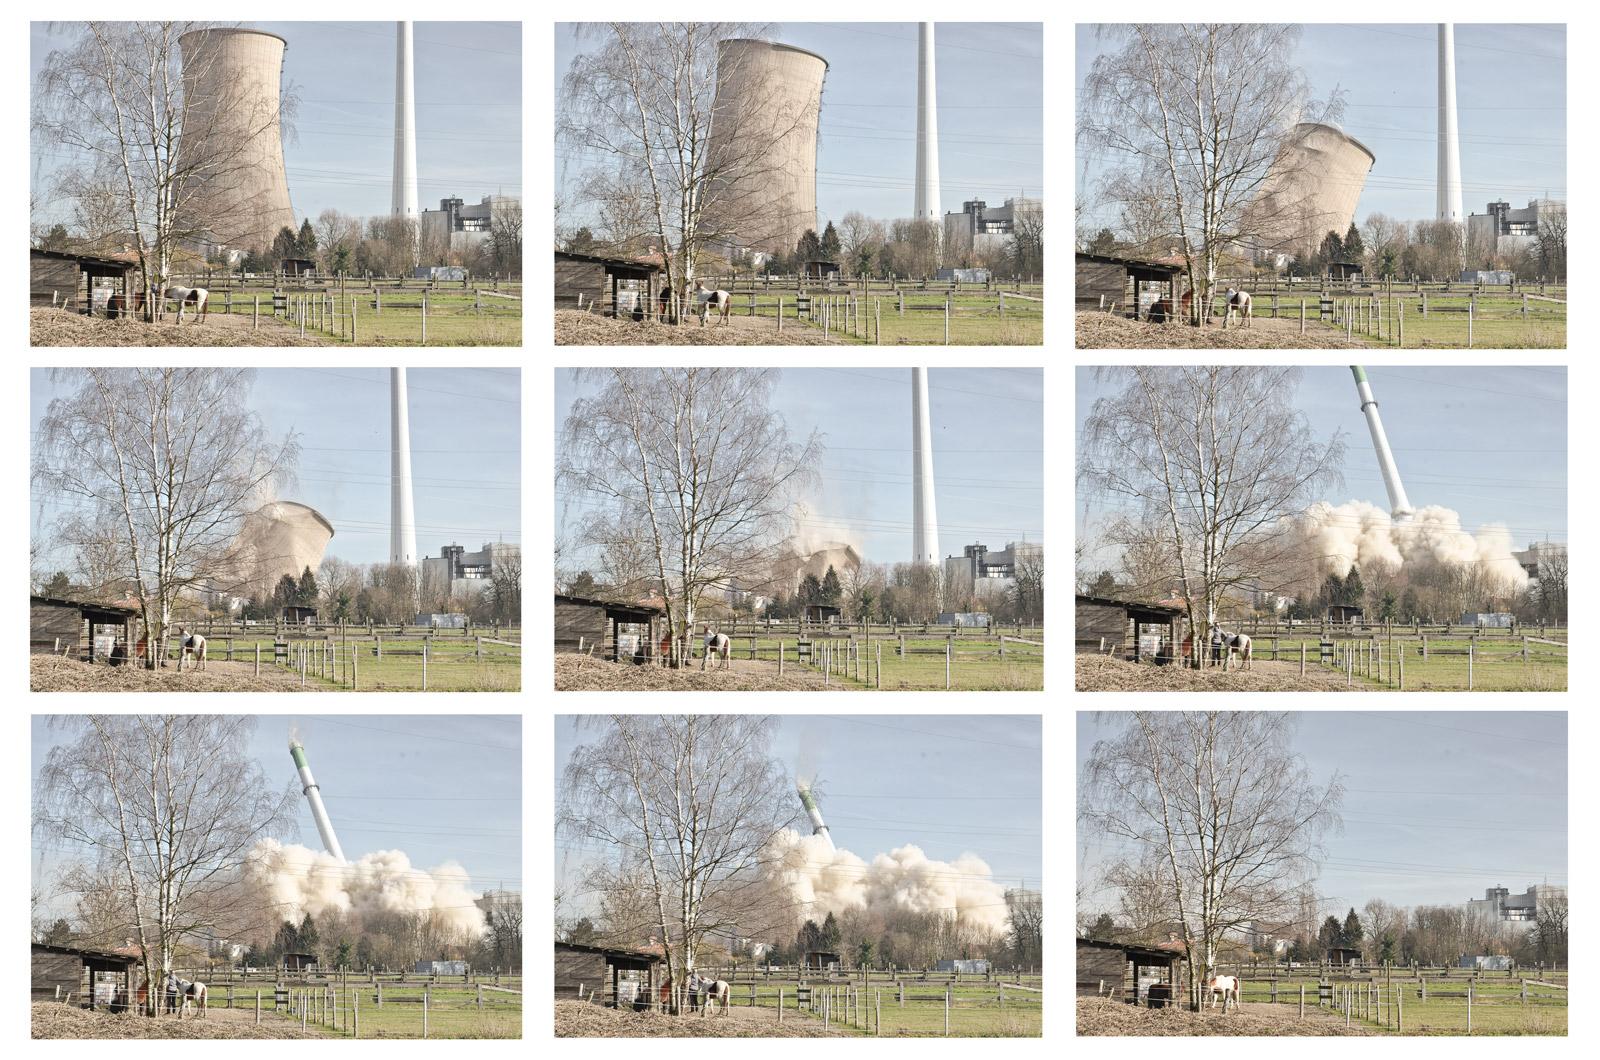 Dokumentation - Sprengung des Knepper Kraftwerks in Castrop-Rauxel / Dortmund